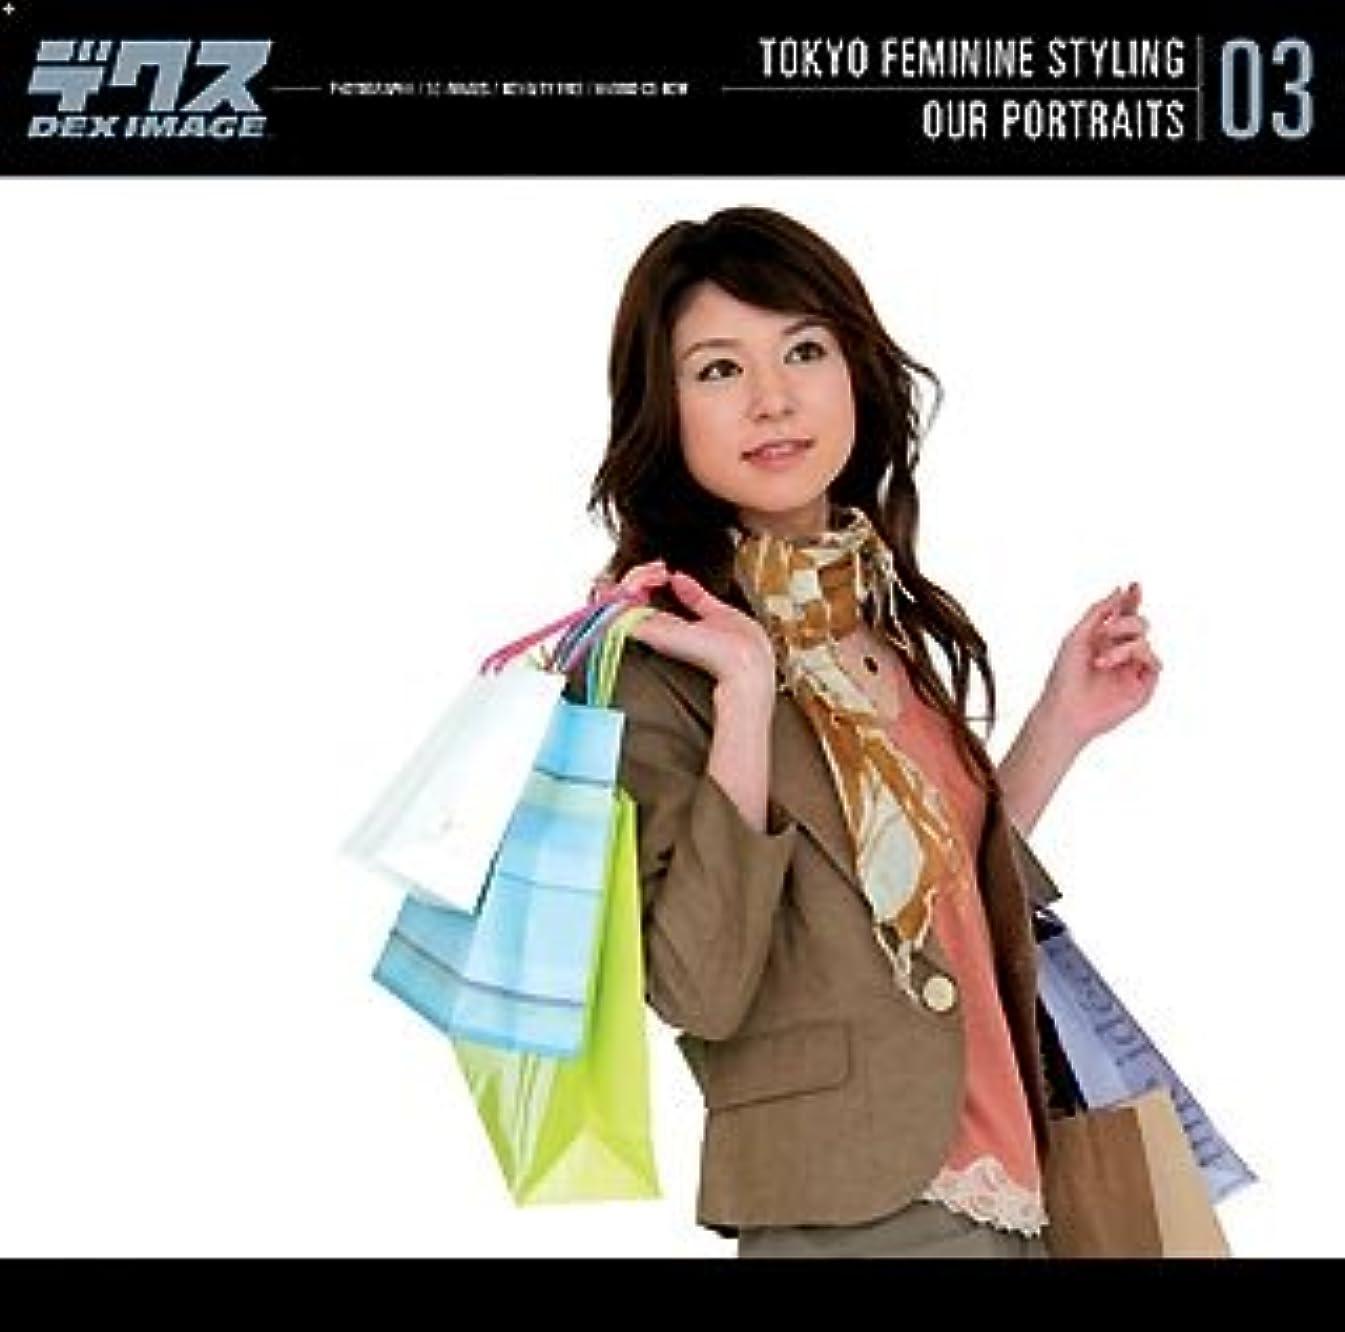 ドナー威する接尾辞TOKYO FEMININE STYLING 03 OUR PORTRAITS